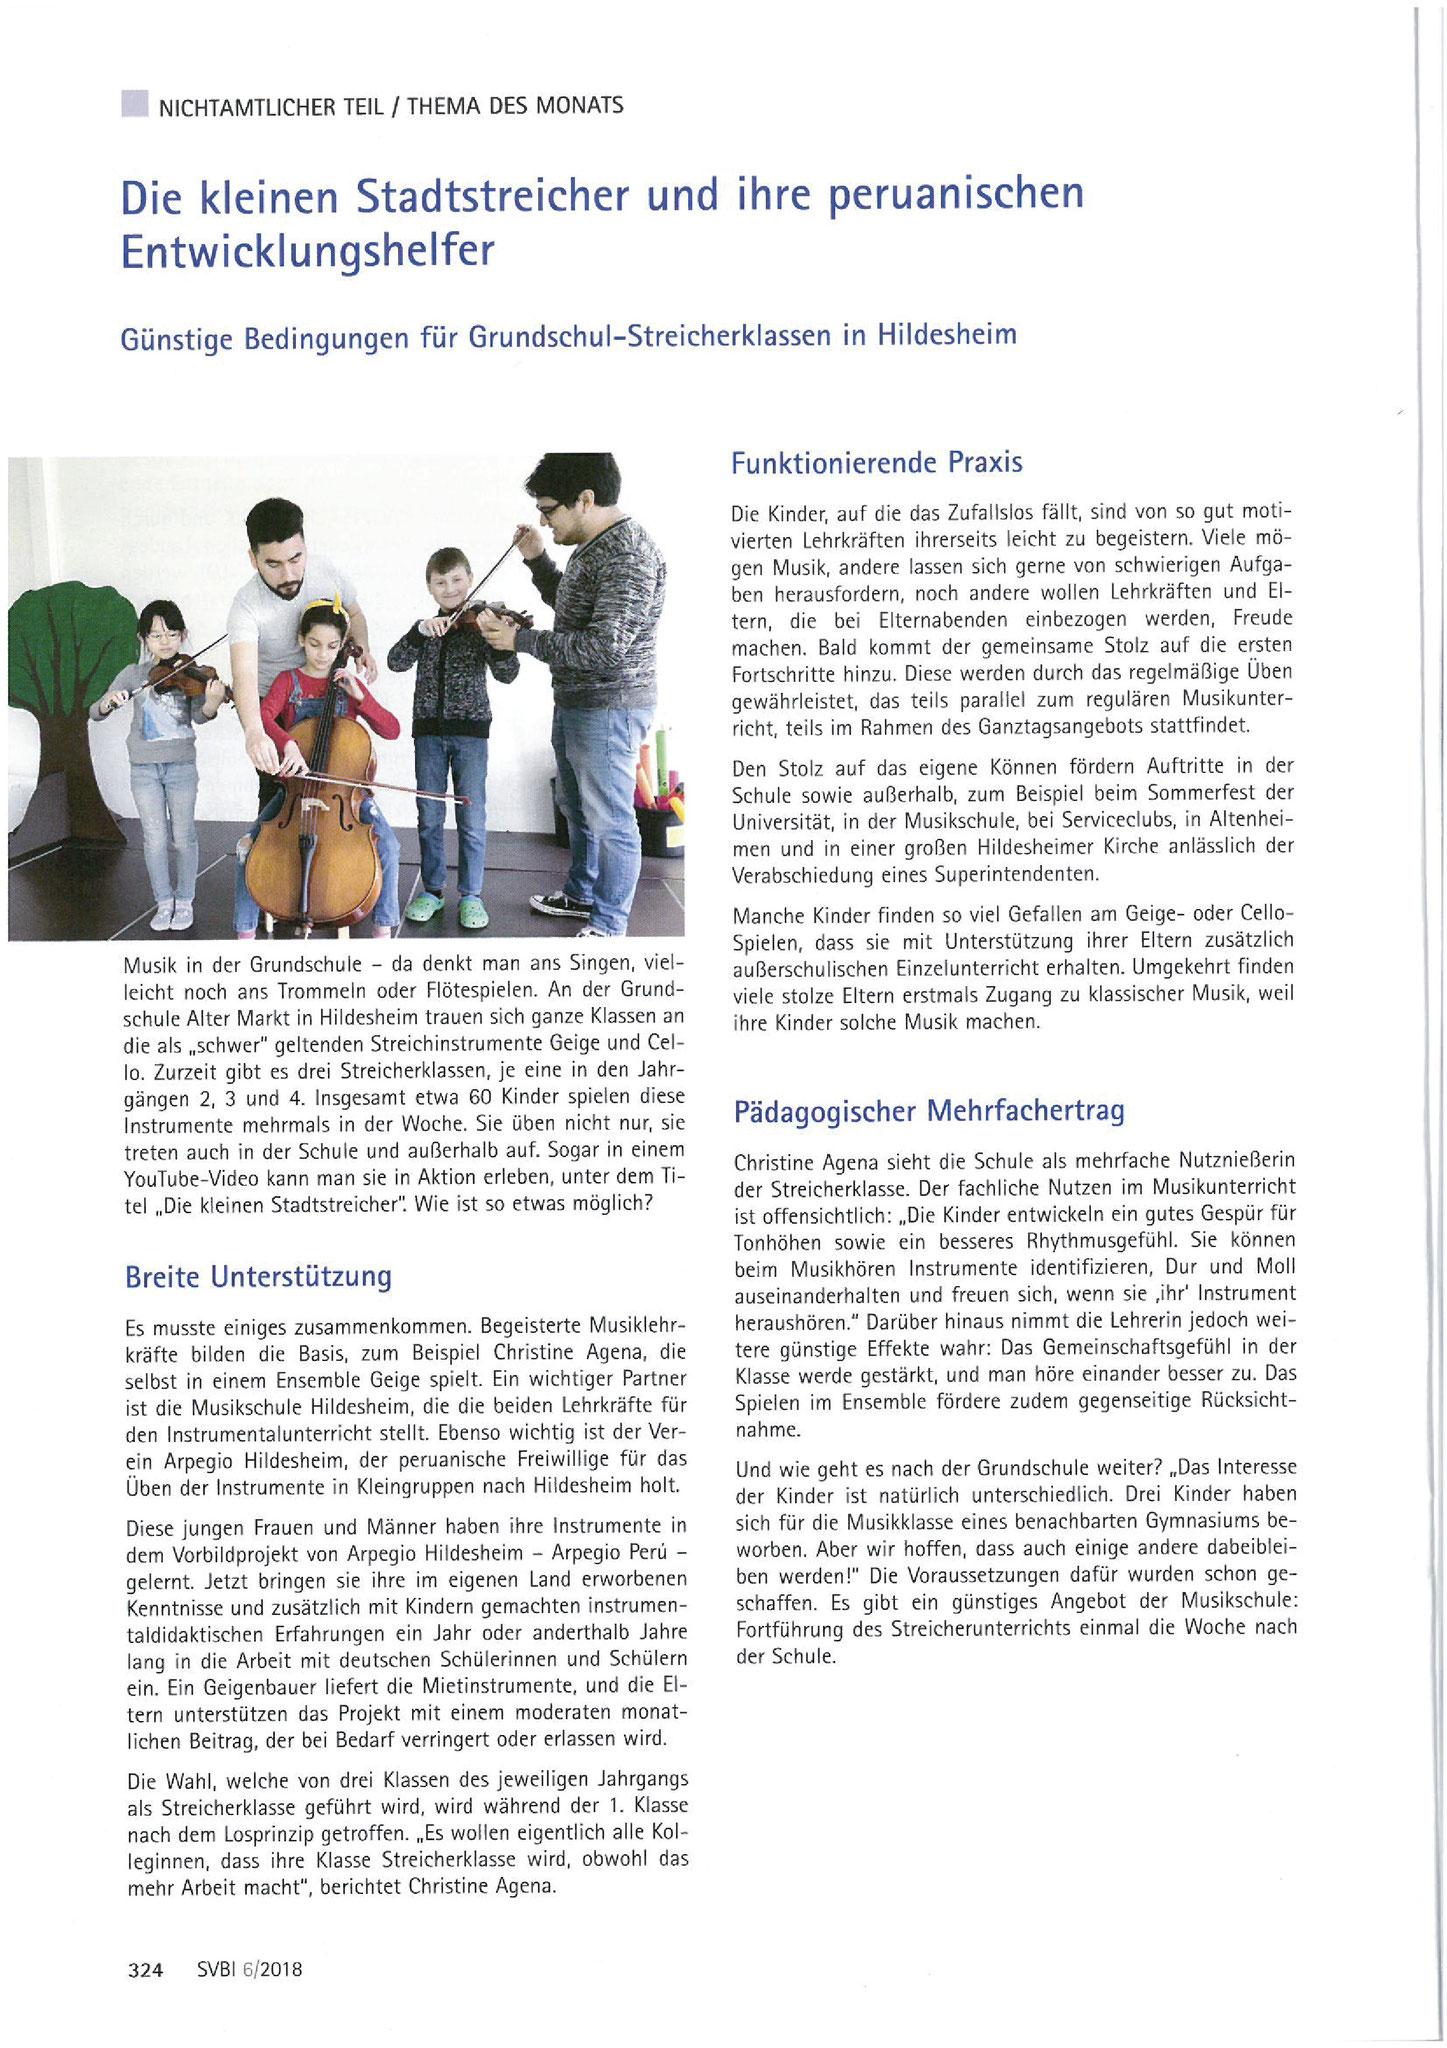 Schulverwaltungsblatt für Niedersachsen, Heft 6/2018, S. 324